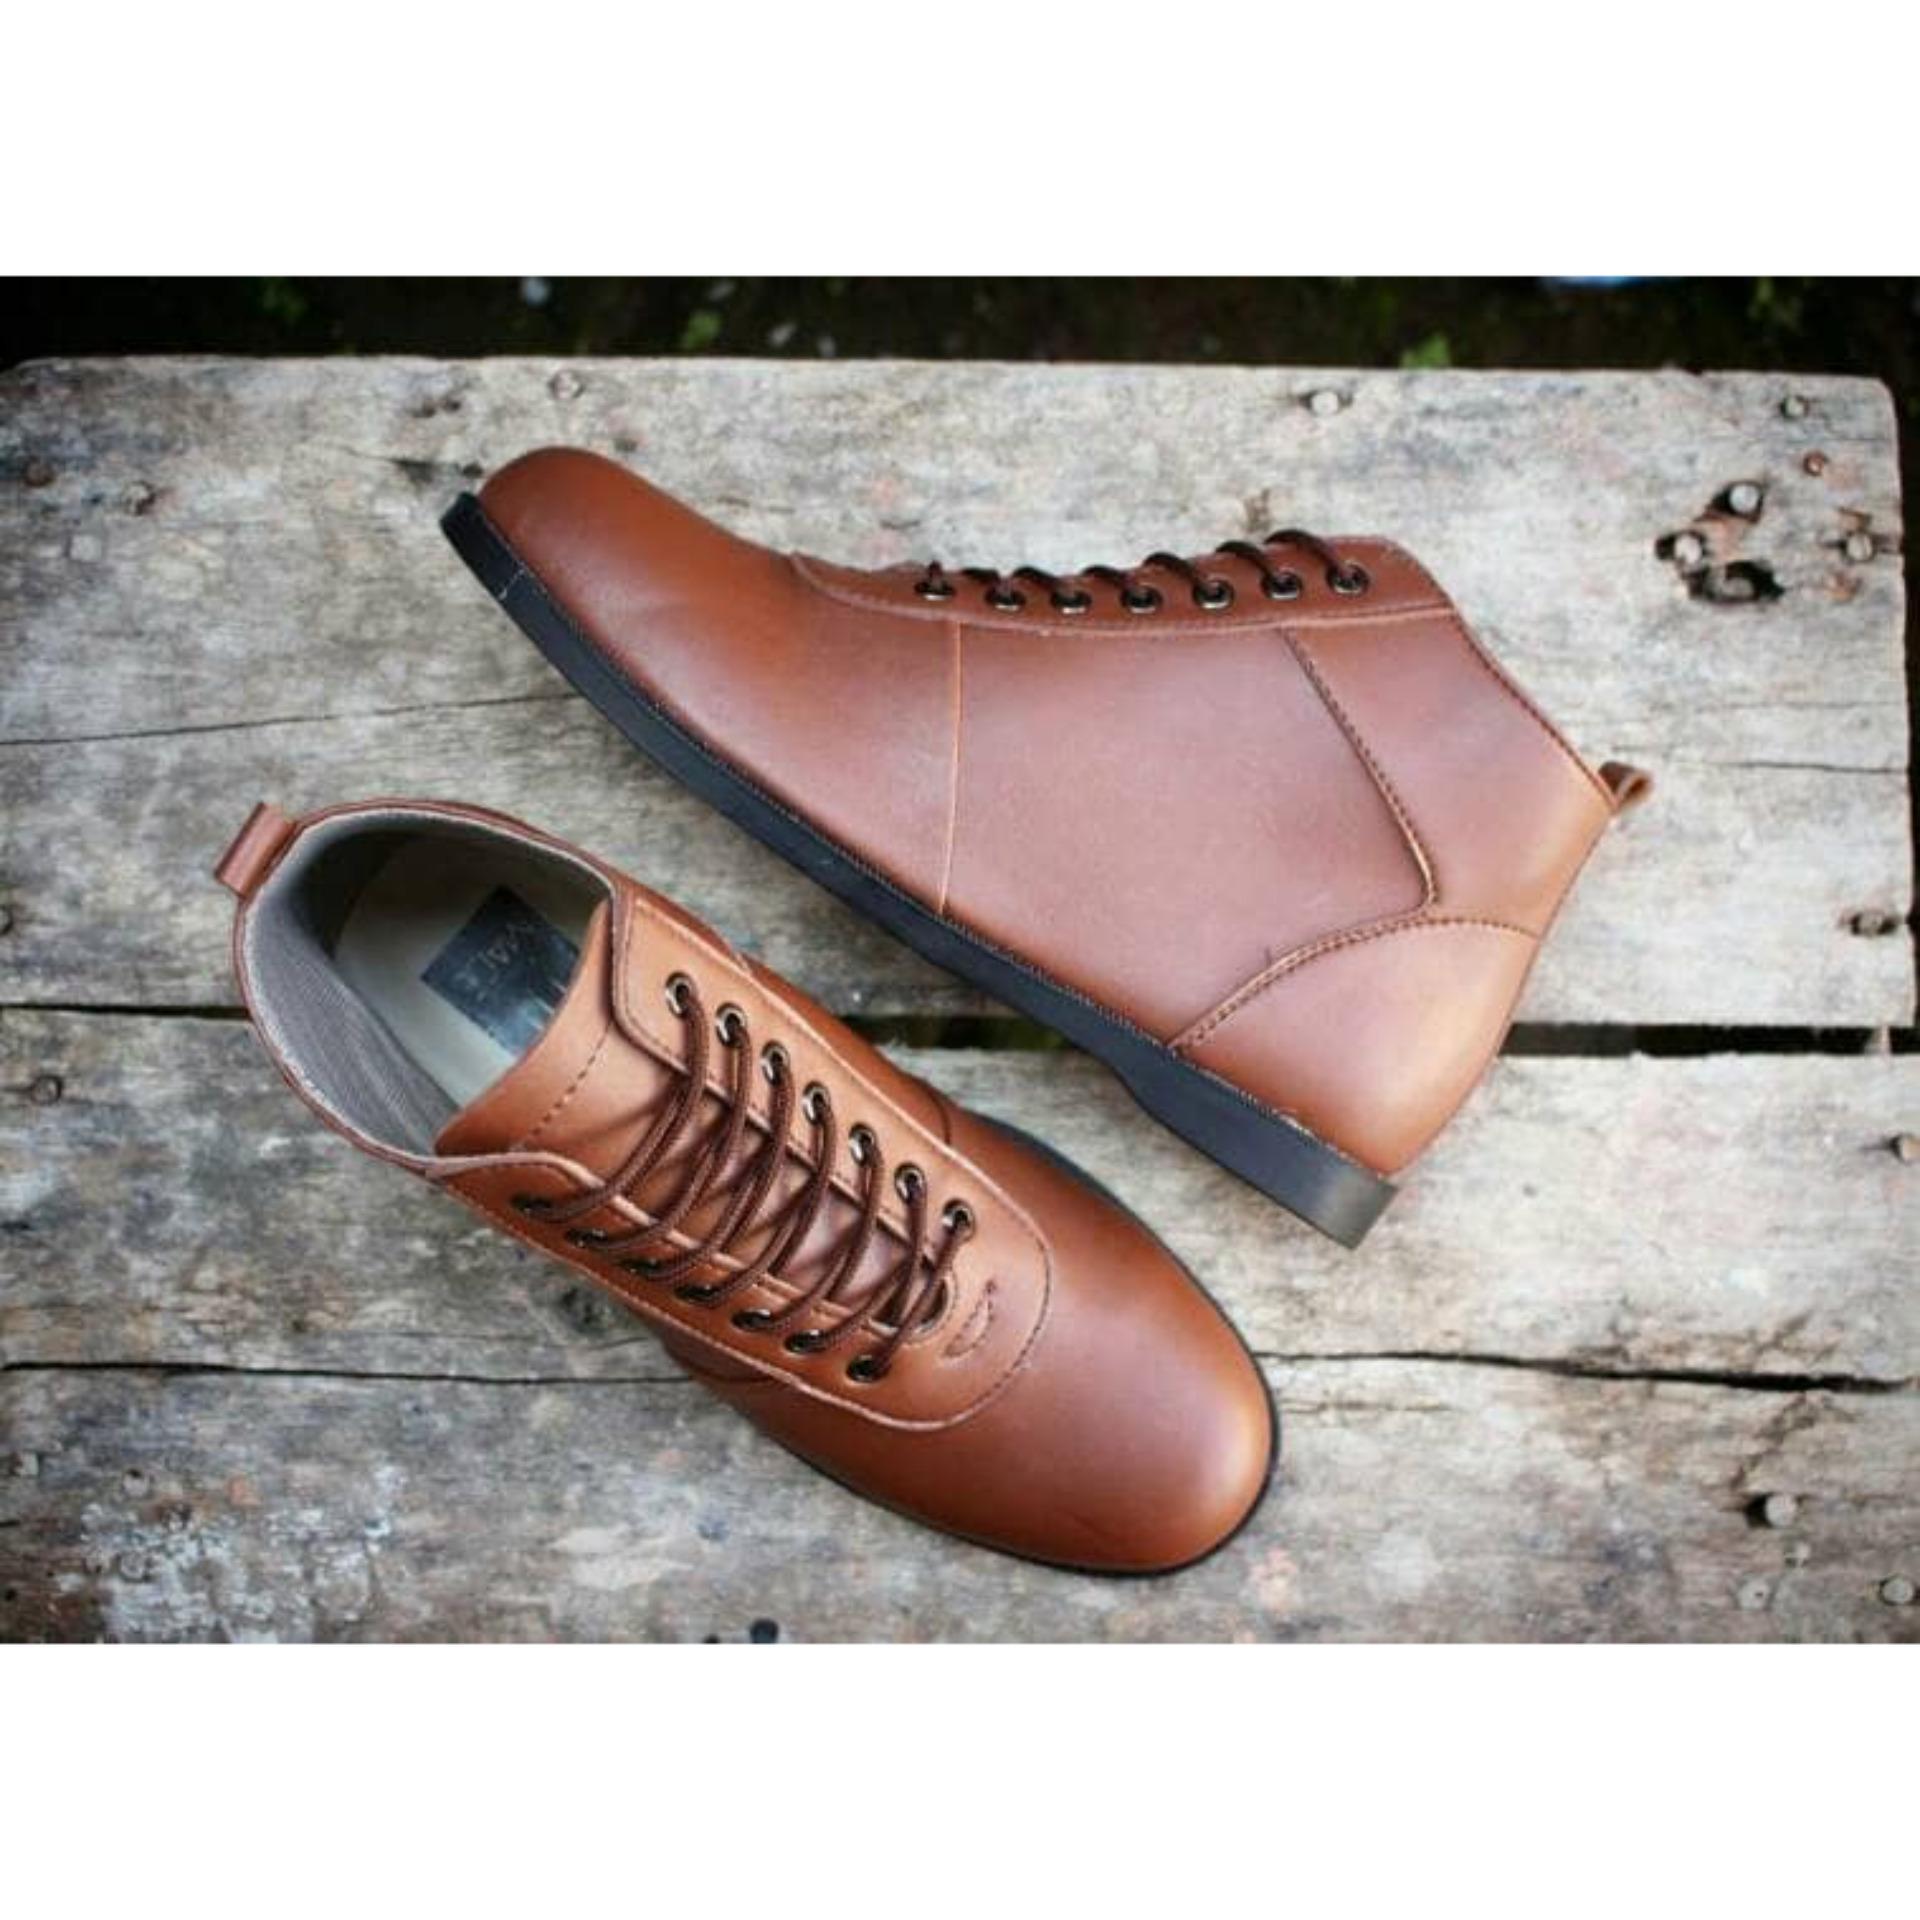 Bsm Soga Sepatu Formal Pantofel Boots Kulit Asli Kantor Kerja Pria 275 Elegan Hitam Kickers Murah L03 Brodo Termurah Original